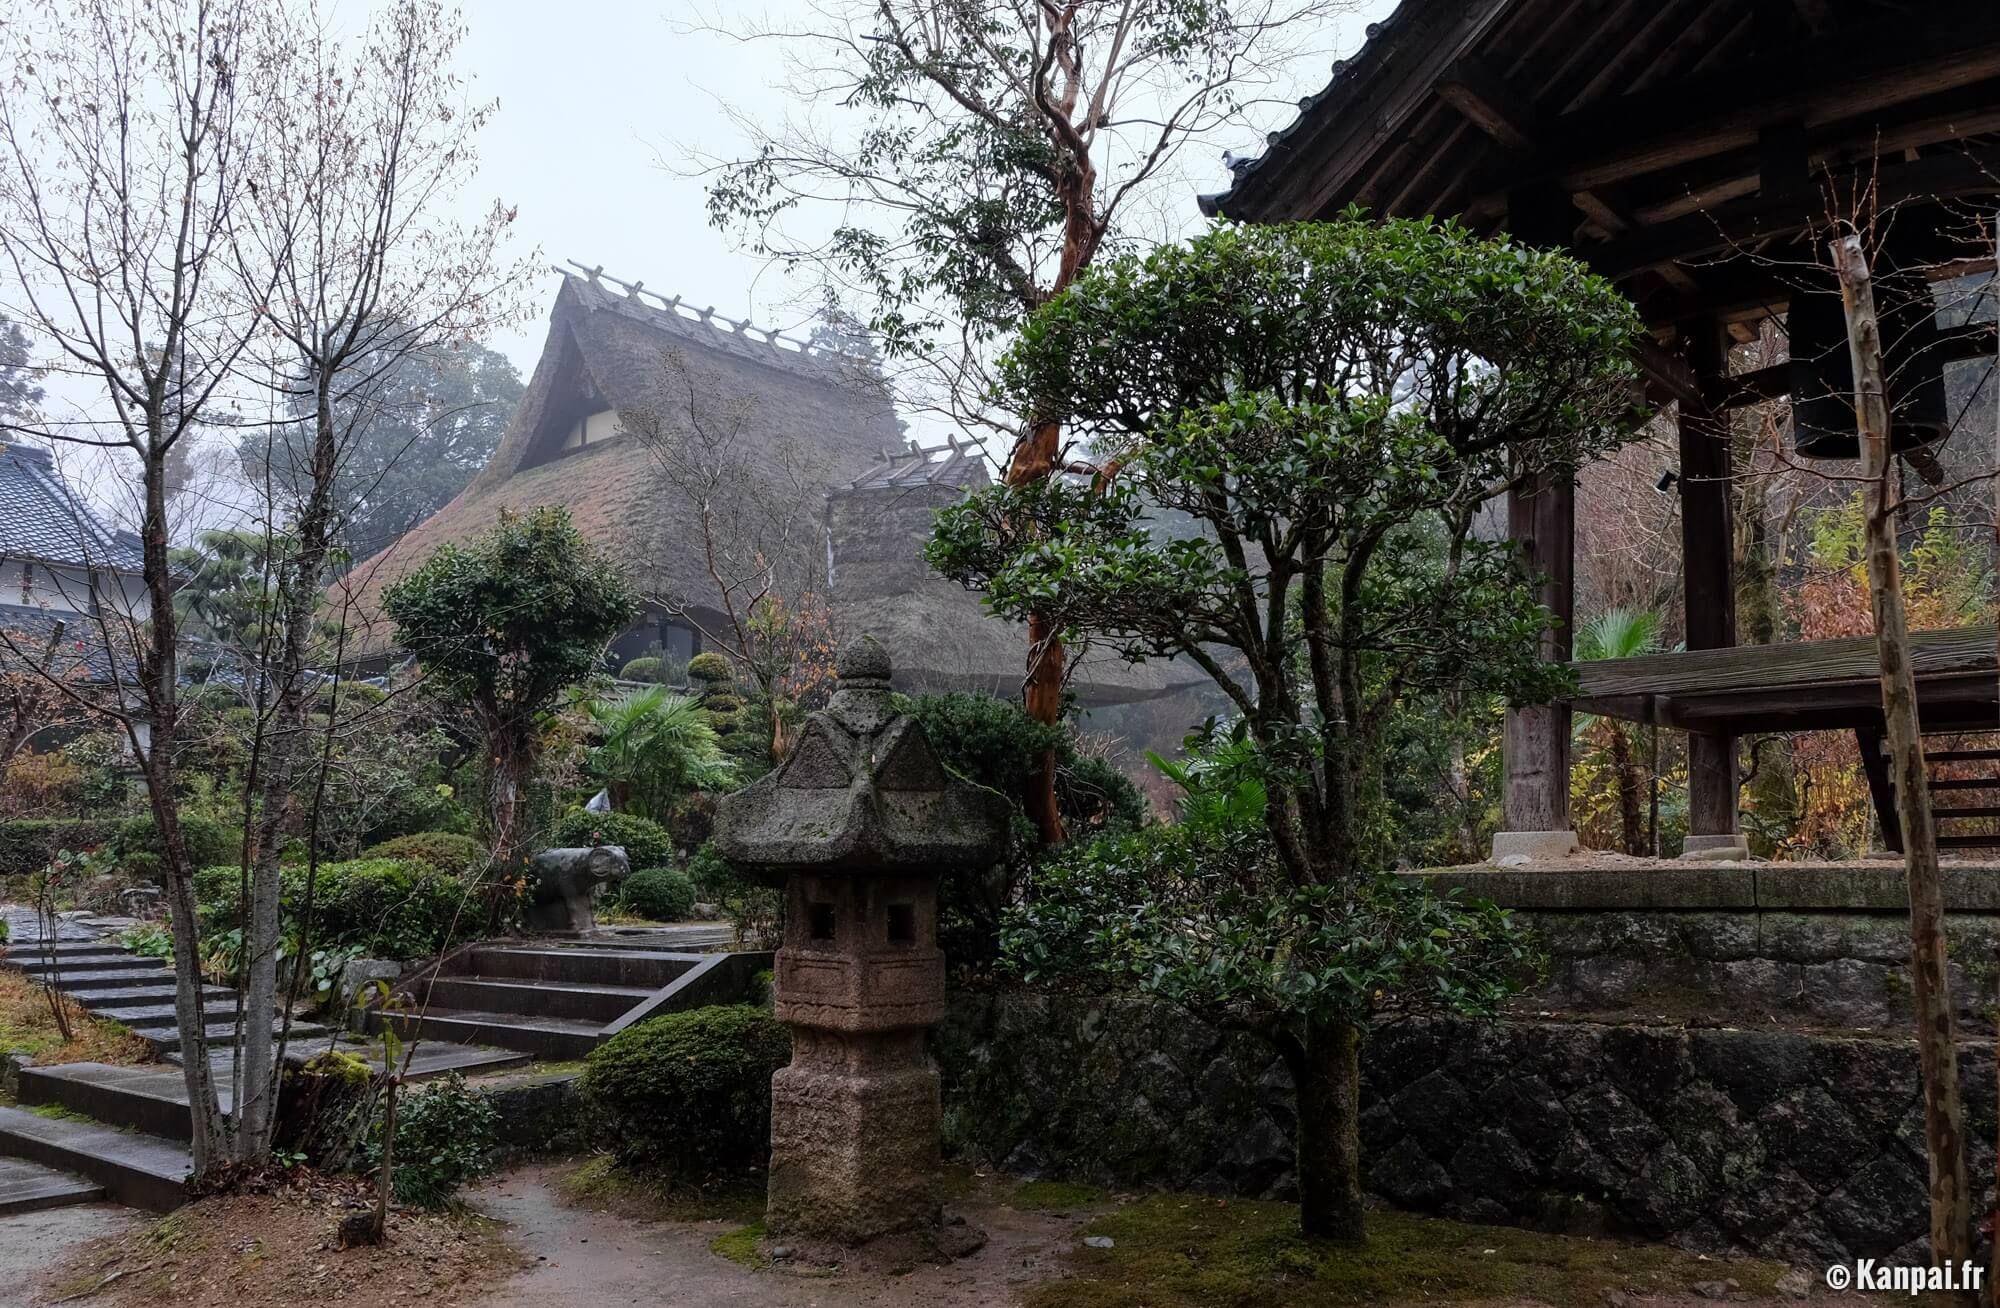 TESSHIN-JI Le temple au toit de chaume de Hyogo Tesshin-ji est un temple bouddhiste du XVIIe siècle, situé dans la ville de Kamikawa, dans la préfecture de Hyogo au Japon. Sa particularité réside dans la confection traditionnelle et rurale de sa toiture en chaume. Il abrite le tombeau du clan Fukumoto, issu de la famille seigneuriale Ikeda.